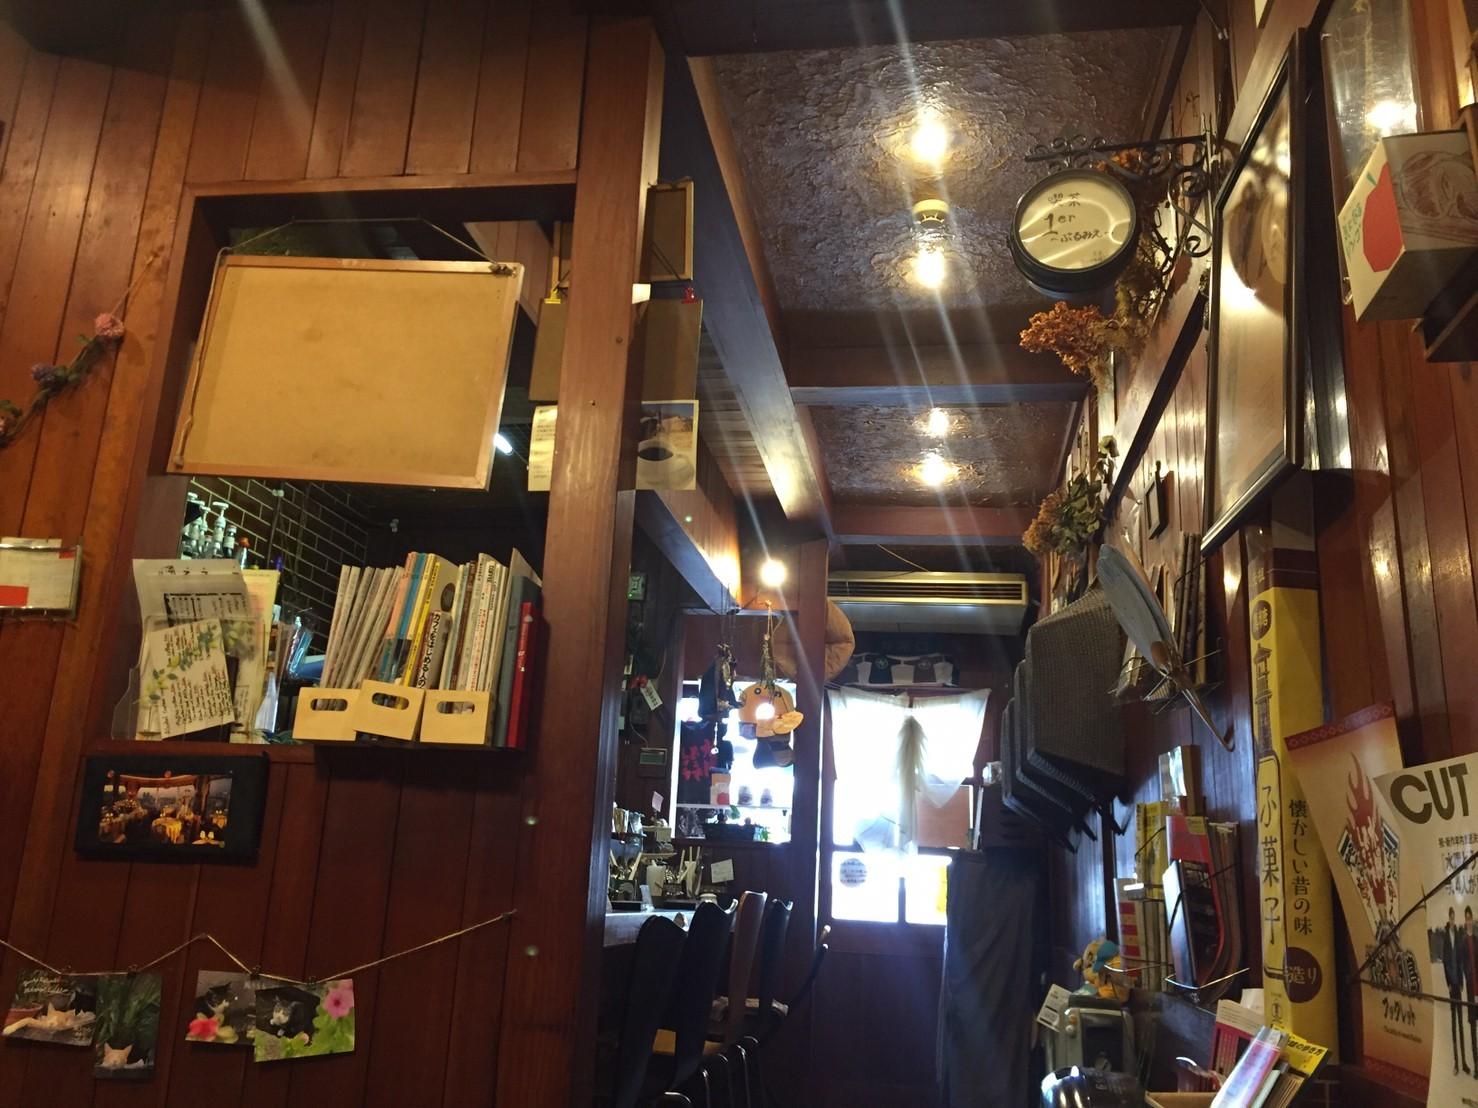 喫茶 1er ぷるみえ (ゴーヤ入りバターライスにアジアンカレーソースココナッツ入り)_e0115904_01564964.jpg